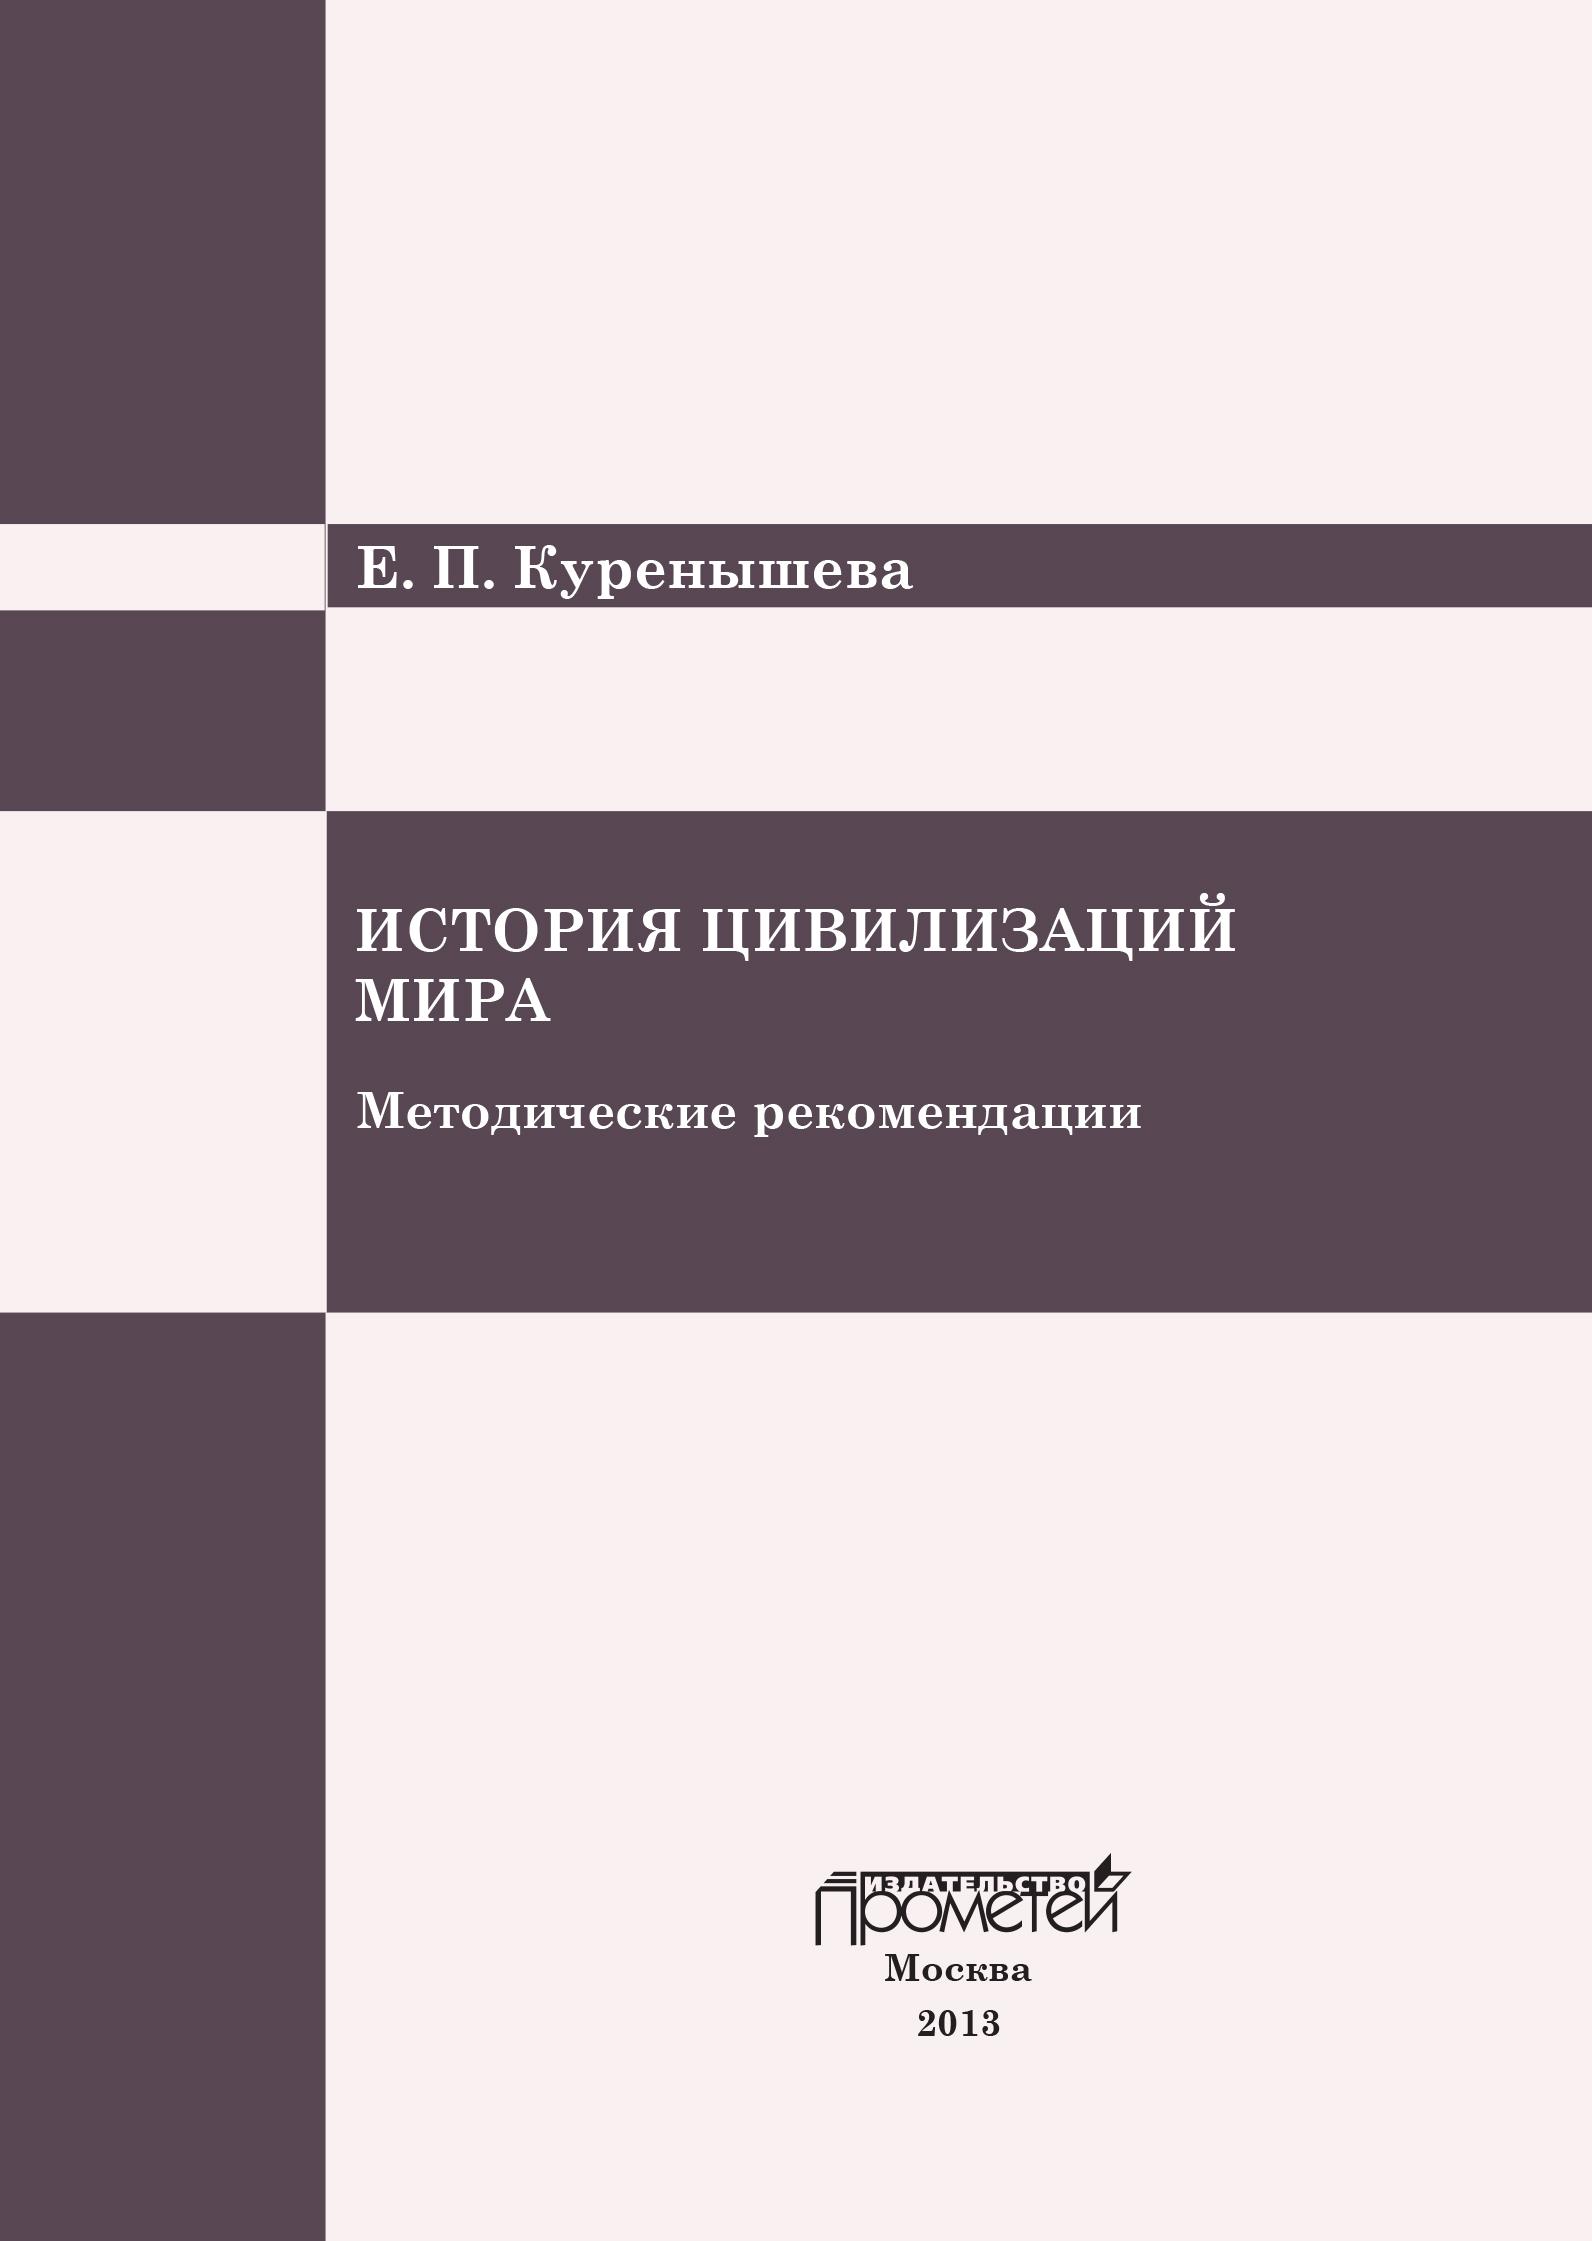 История цивилизаций мира. Методические рекомендации